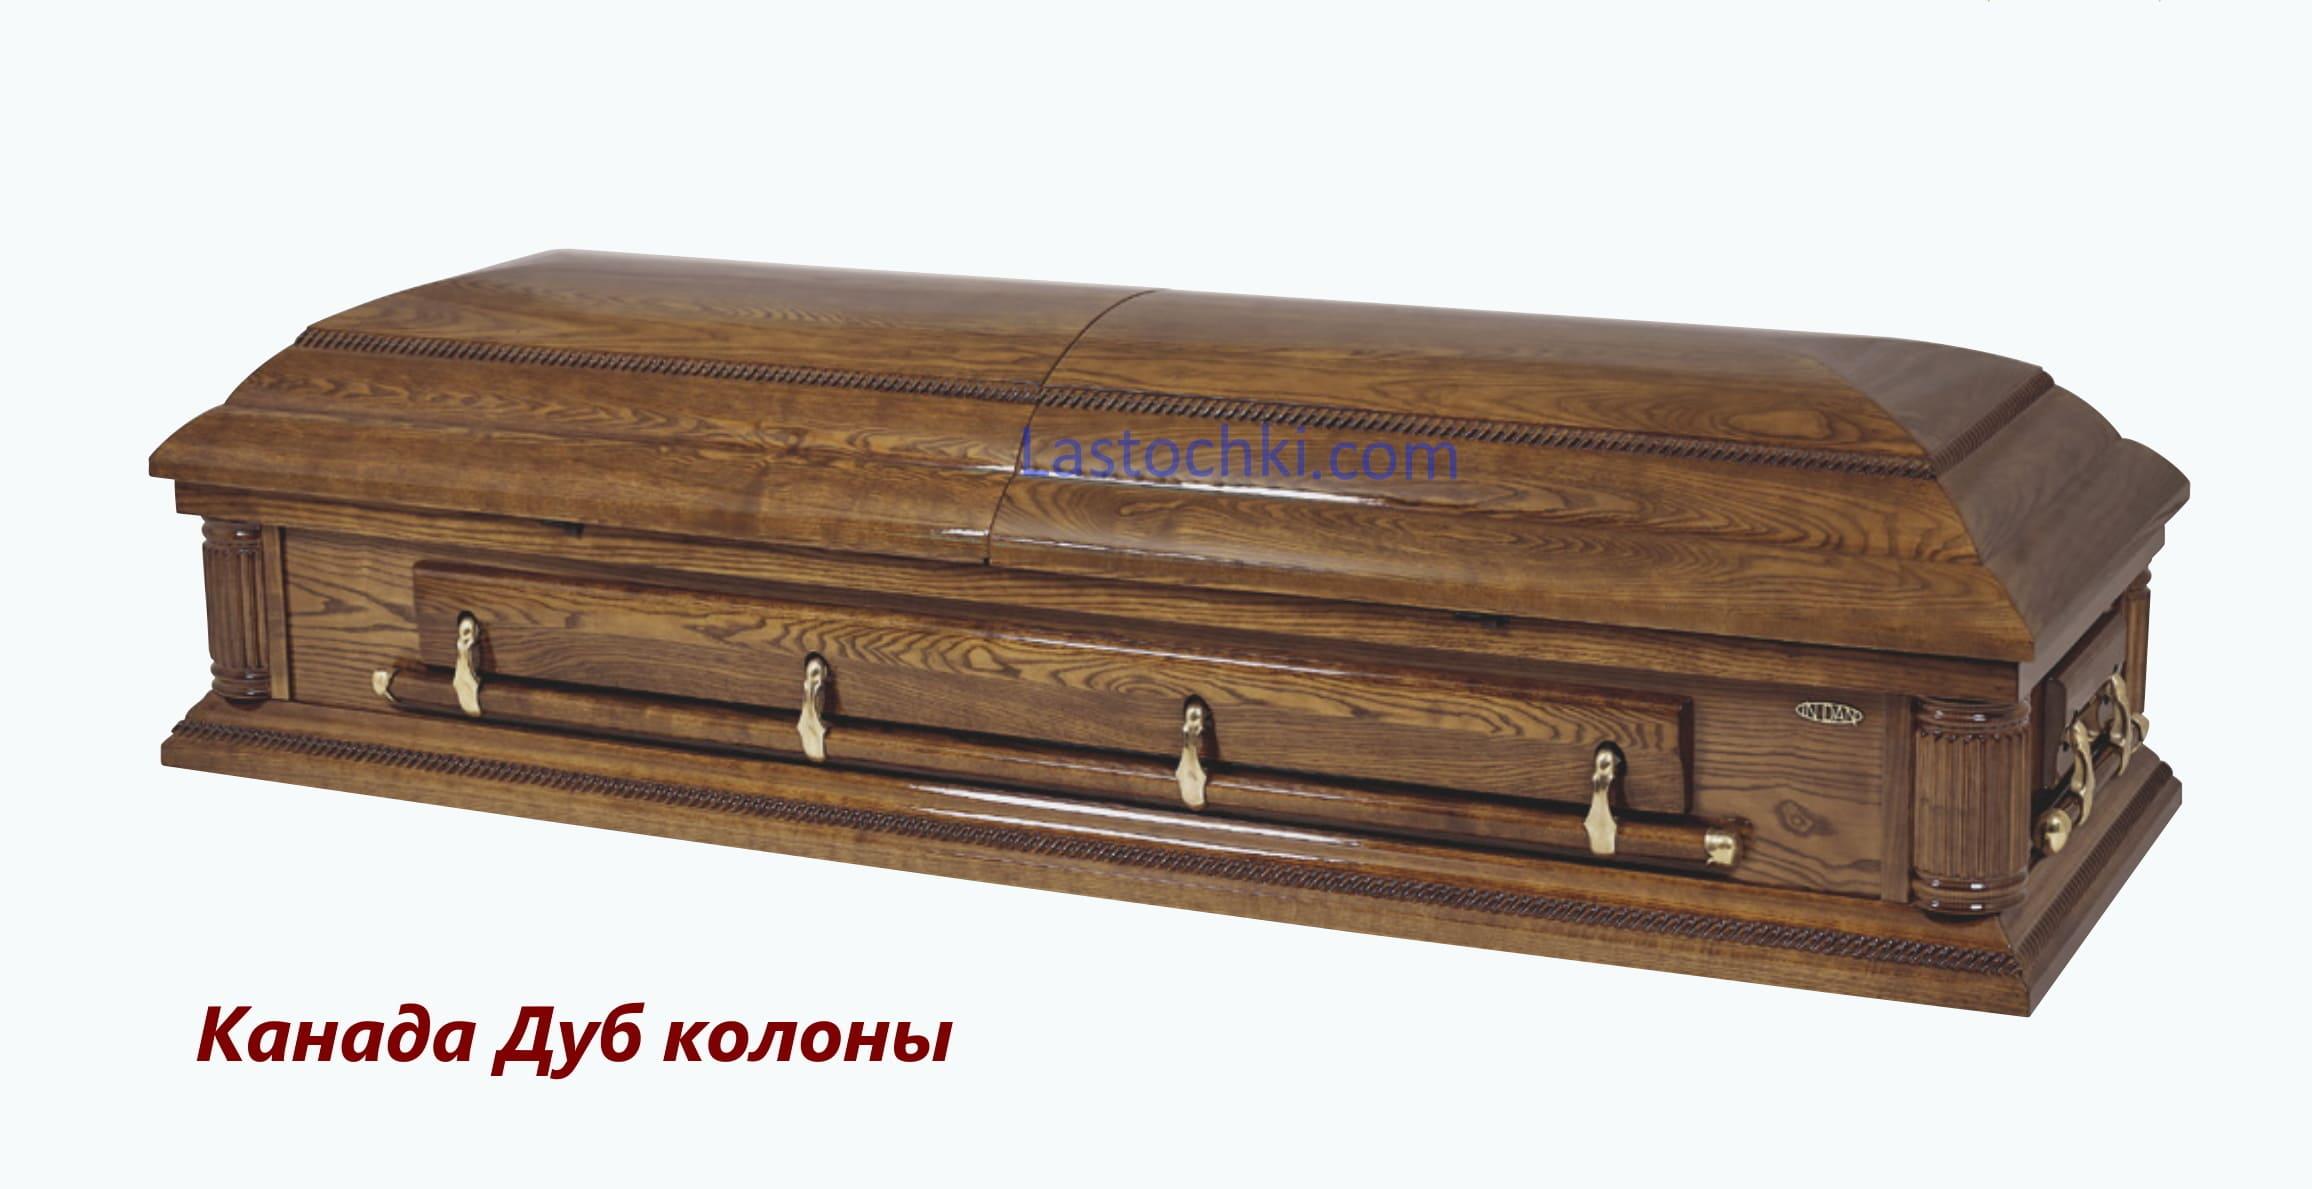 Саркофаг Канада Дуб колоны  -  Цена 88 000 грн.